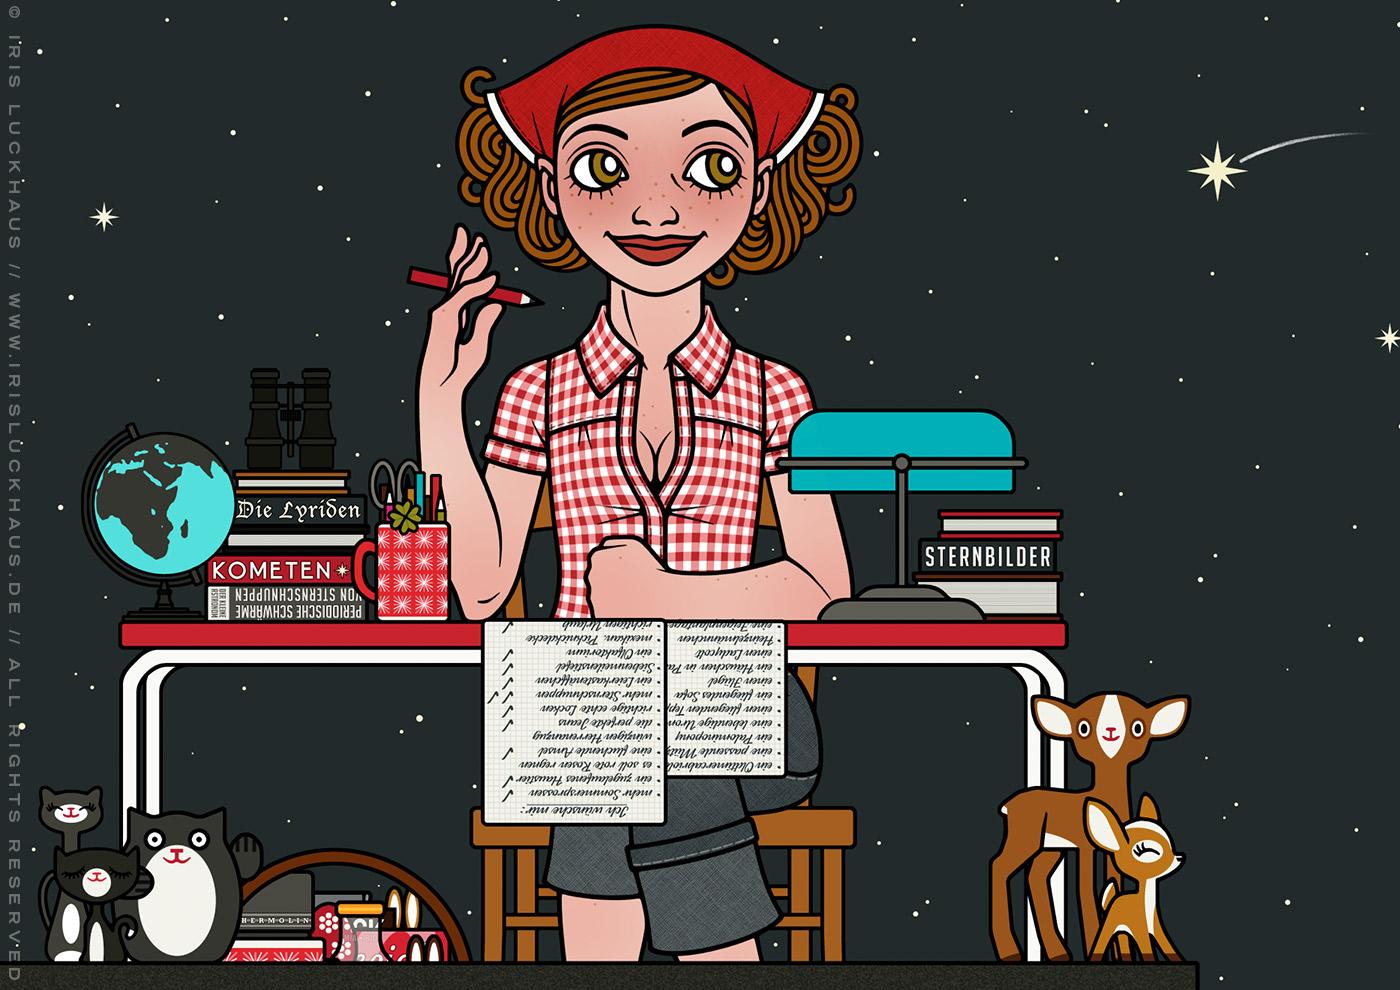 Zeichnung eines Mädchens, das auf einem Dach sitzt, Stenschnuppen beoachtet und Wünsche abhakt, für Lily Lux